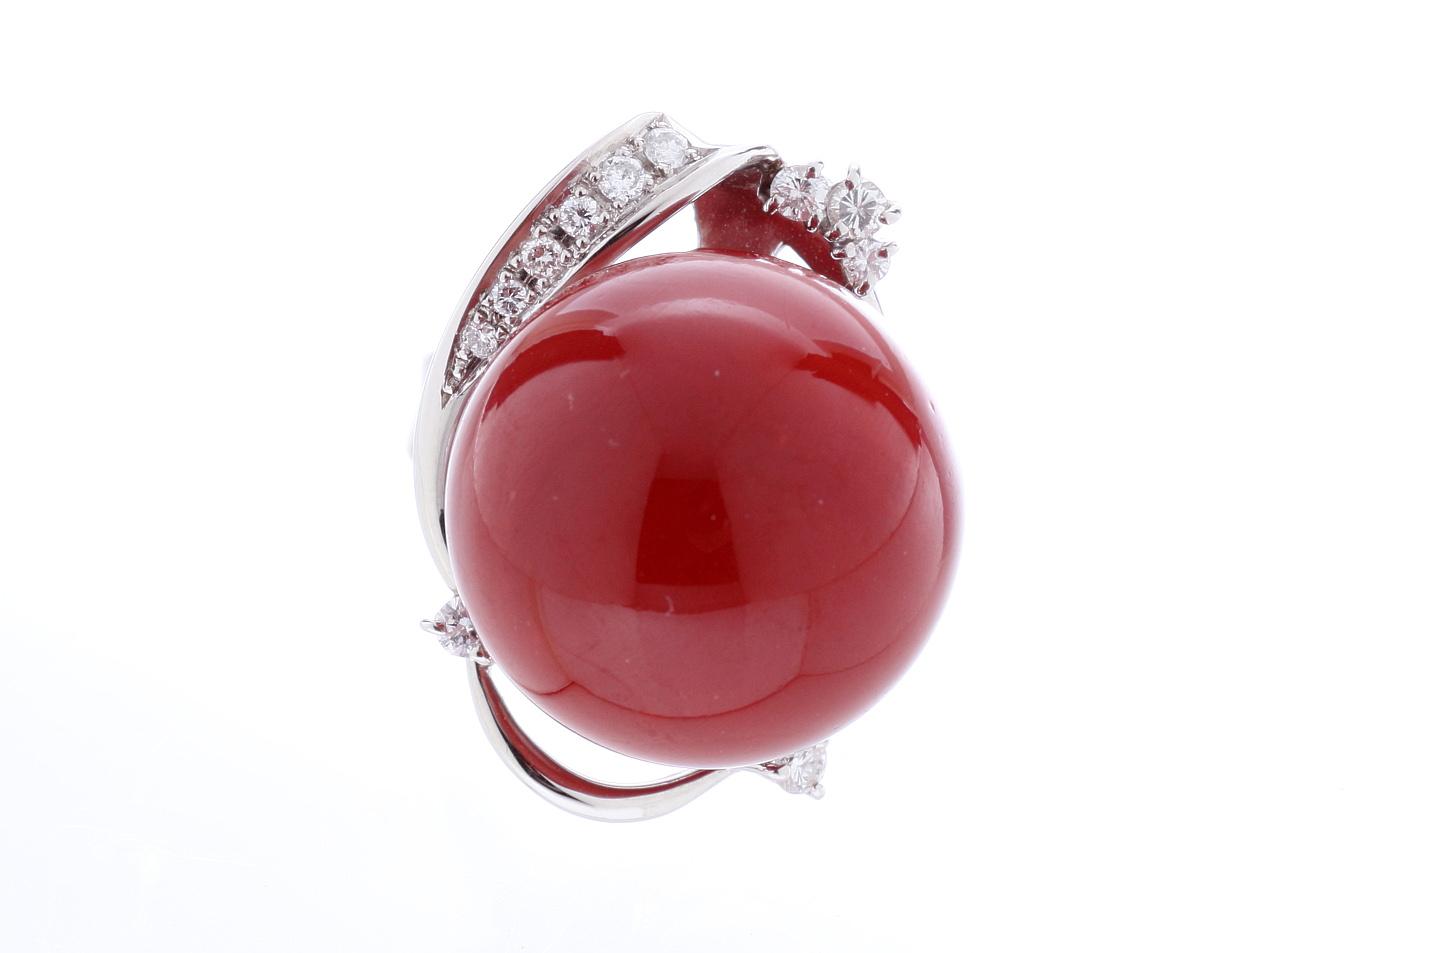 血赤珊瑚 プラチナダイアモンドリング 指輪 Pt900 日本産サンゴ19.3mm D0.31ct 新品 サイズ調整無料 送料無料 【トレジャースポット】